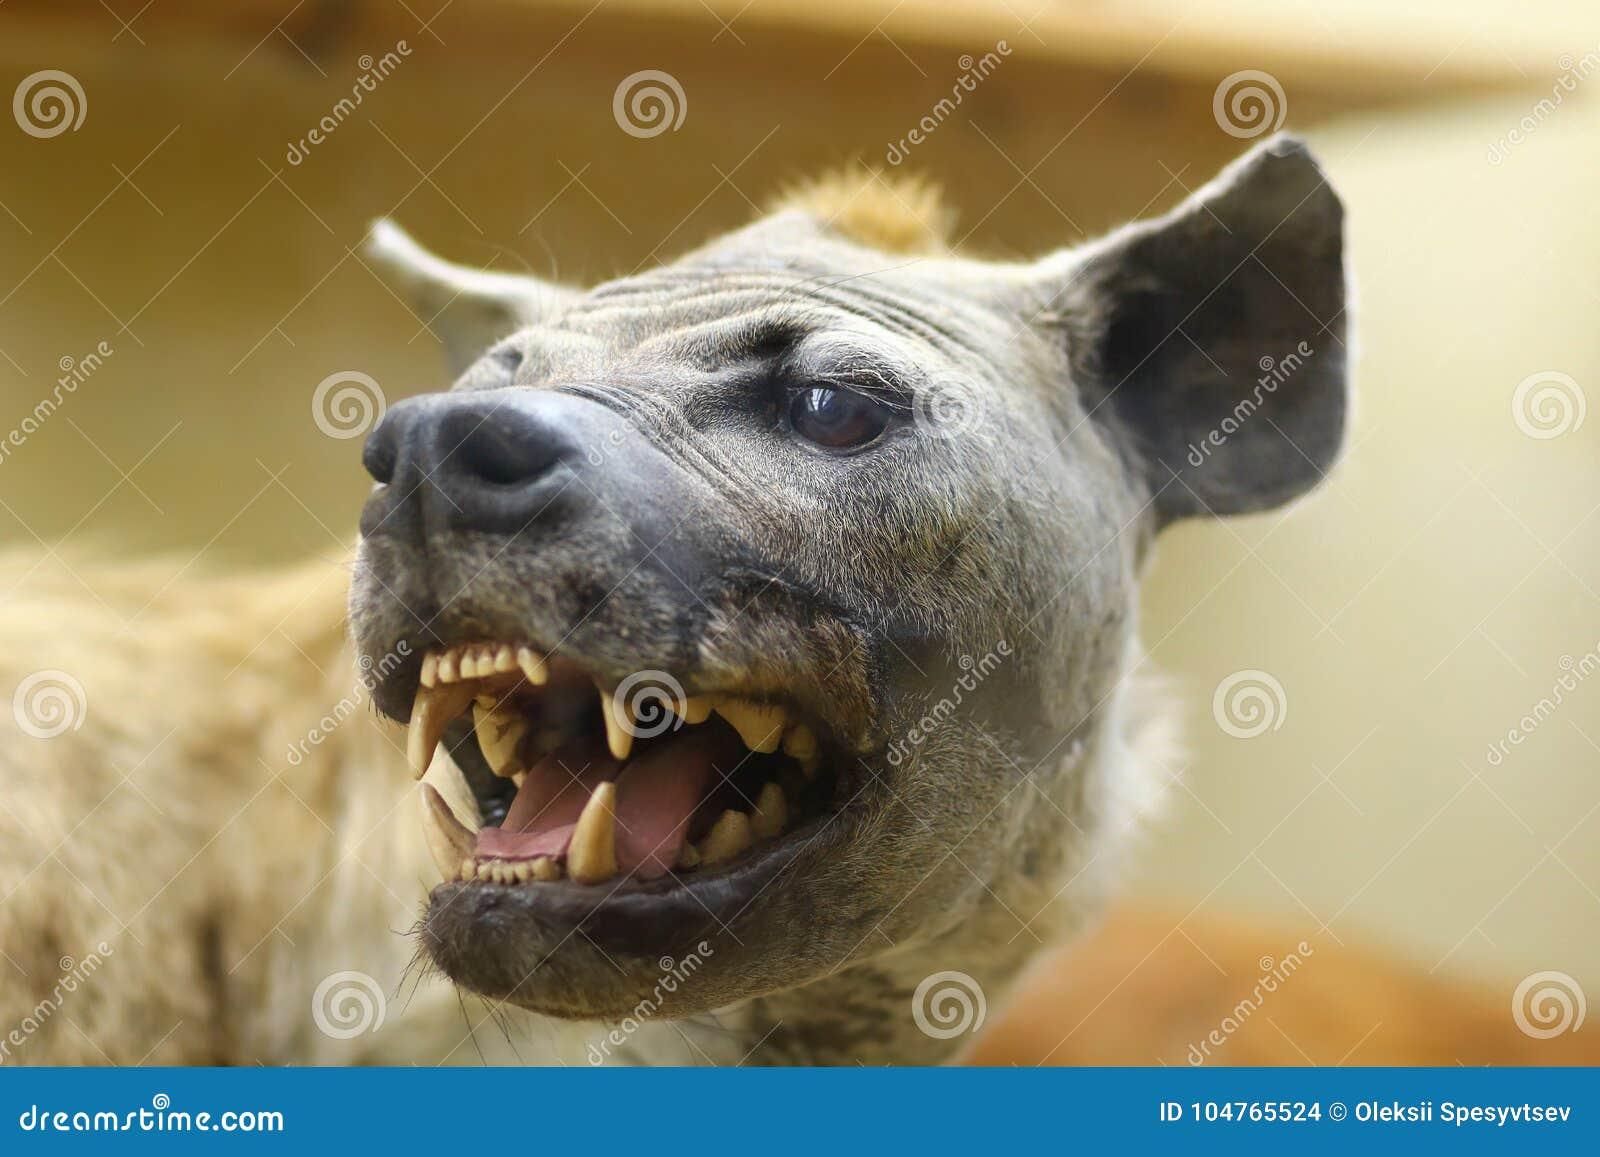 Zamyka up dzikiego gniewnego huczenia uśmiechający się roześmiana hiena, faszerujący zwierzę